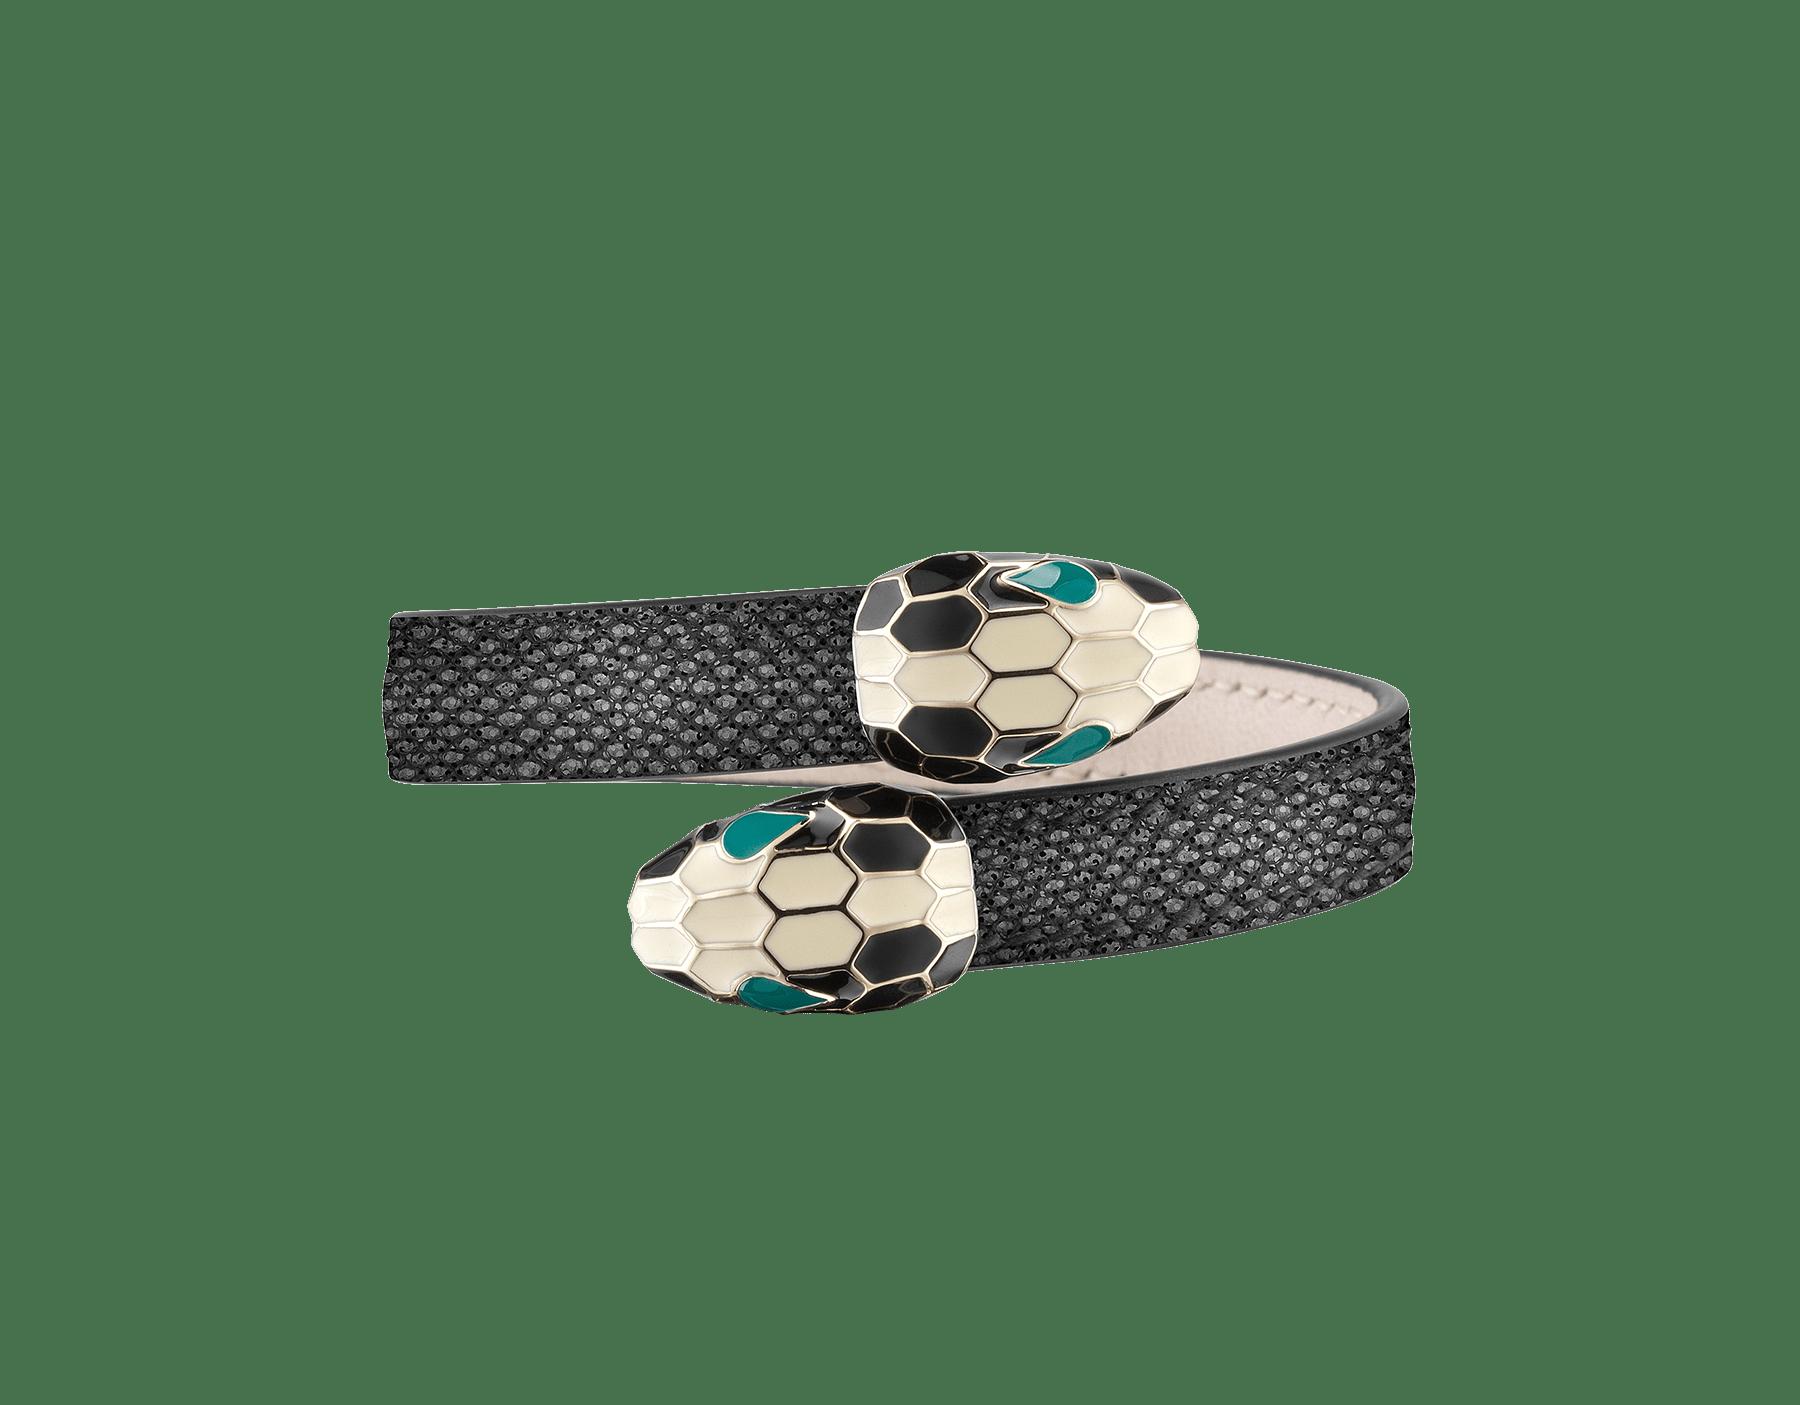 Bracelet jonc souple Serpenti Forever en karung métallisé couleur lune argent avec détails en laiton doré. Motif en miroir Serpenti emblématique en émail noir et blanc avec yeux en émail vert. 287428 image 1